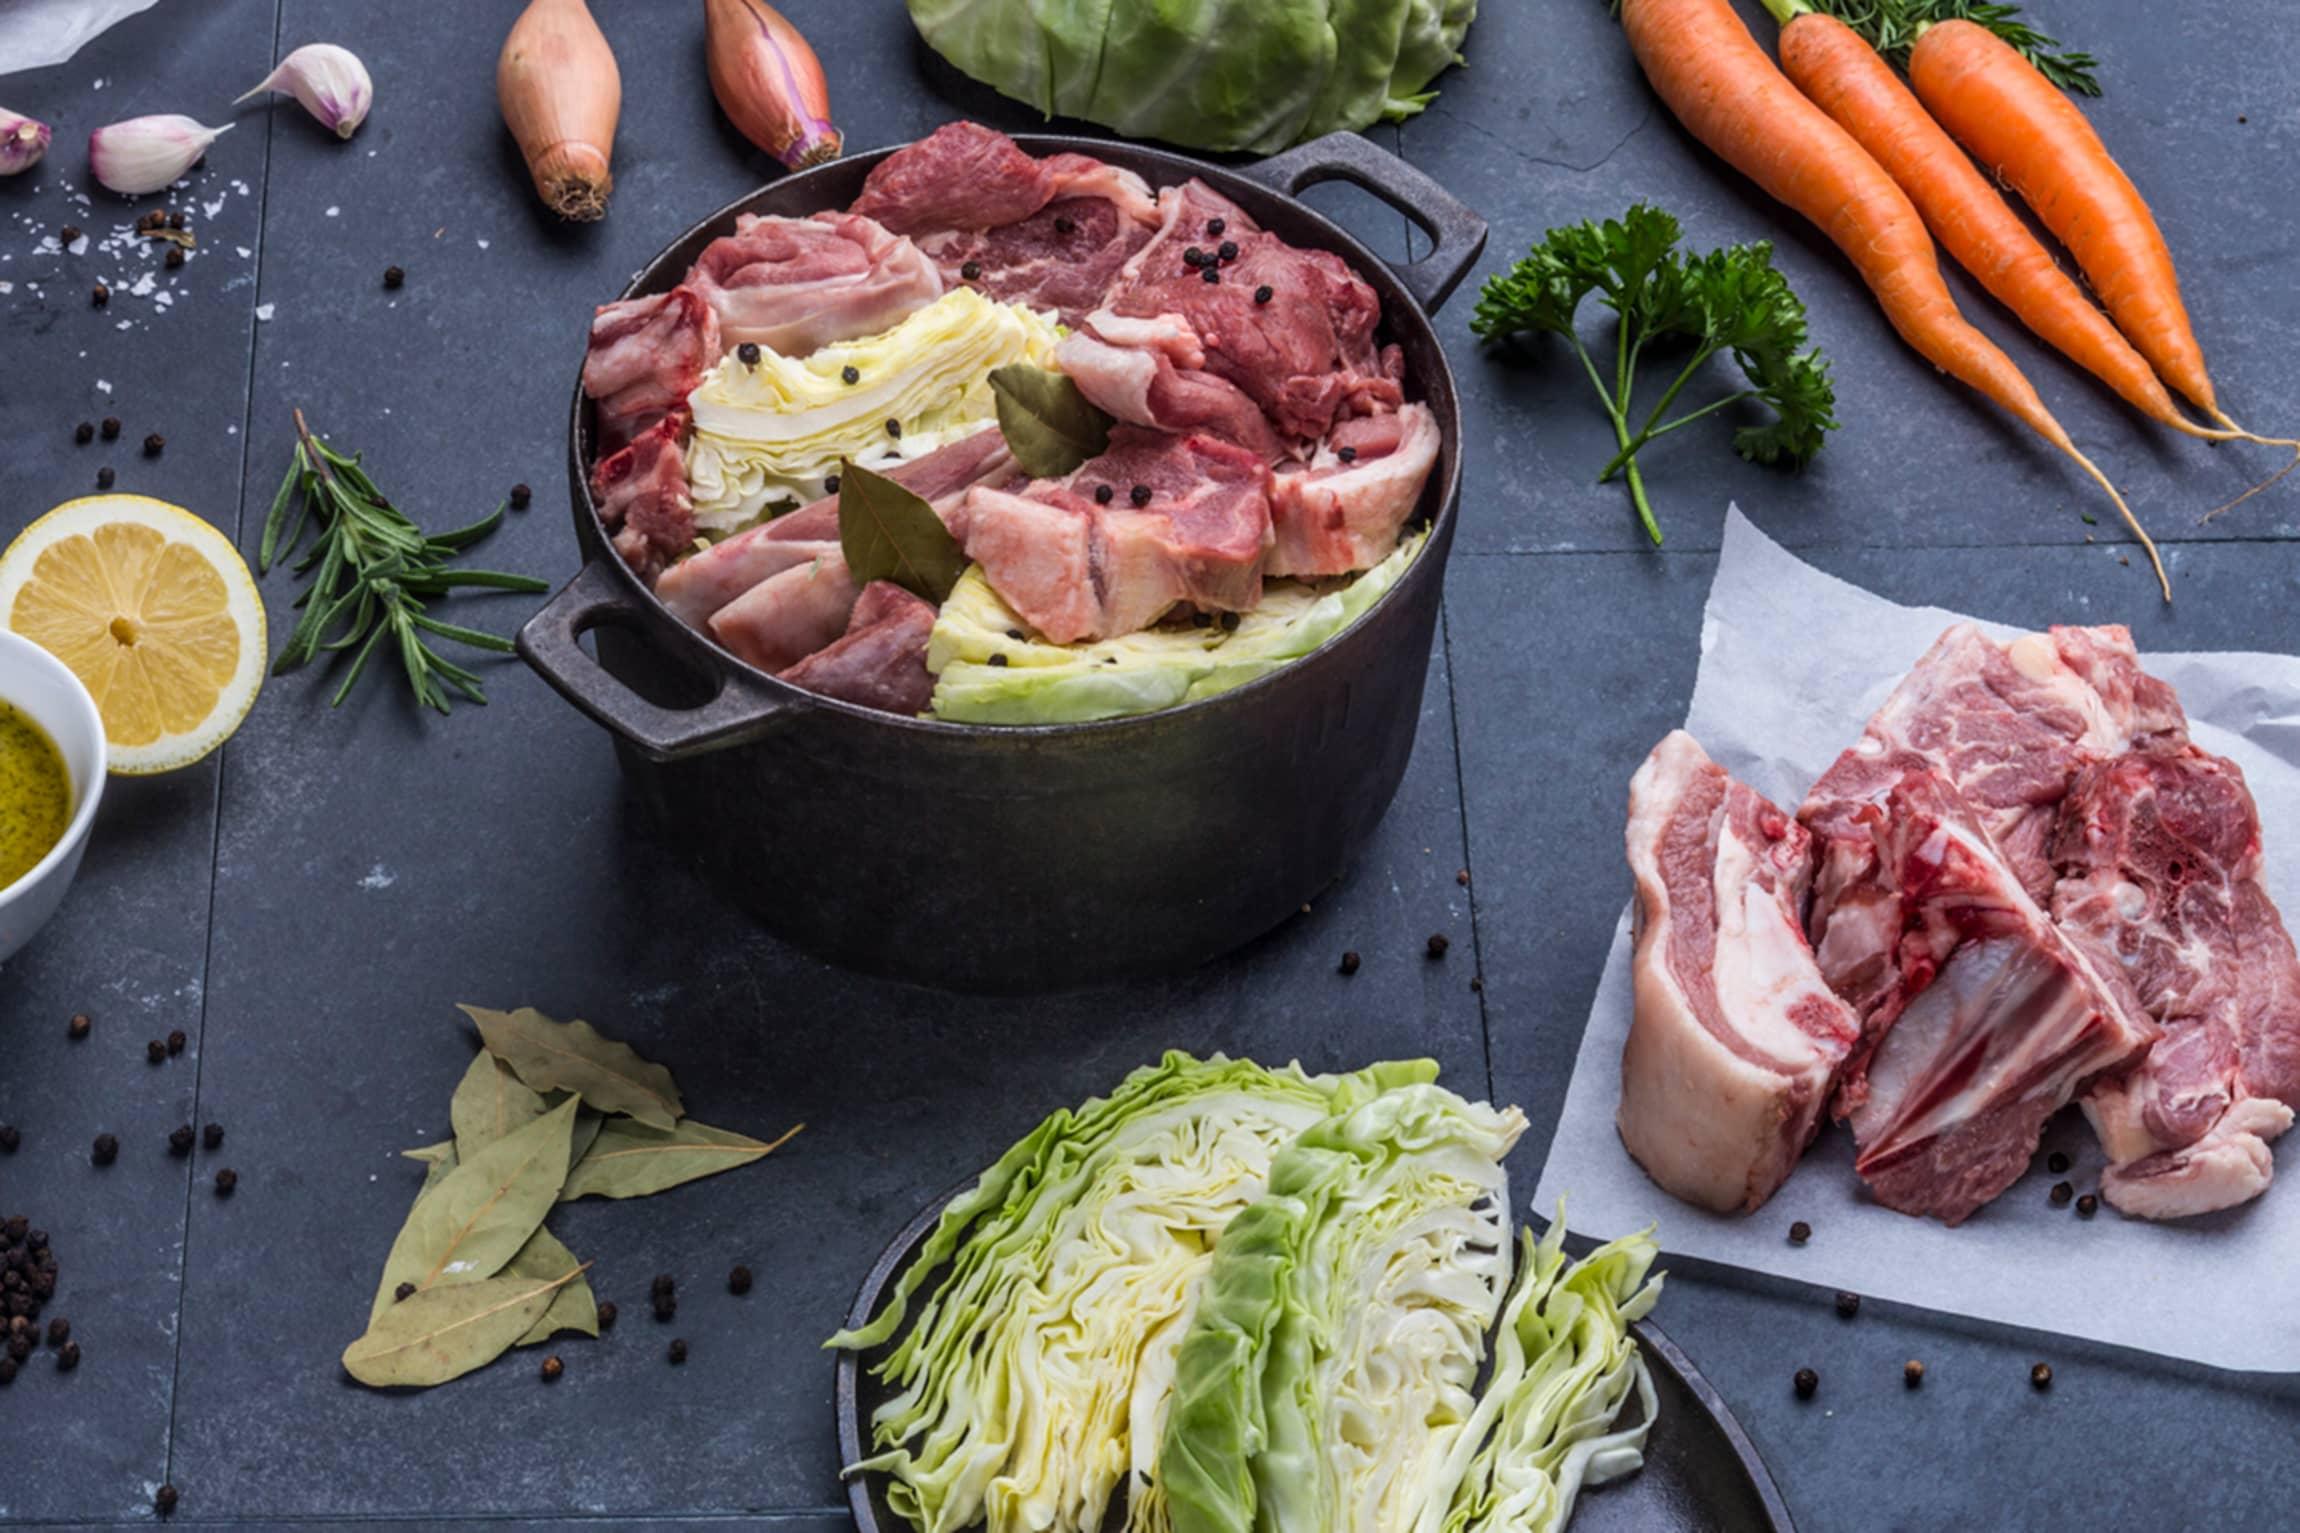 Rått kjøtt og grønnsaker oppevares helt forskjellig. Dersom du oppbevarer maten riktig kan du hindre unødvendig matsvinn.